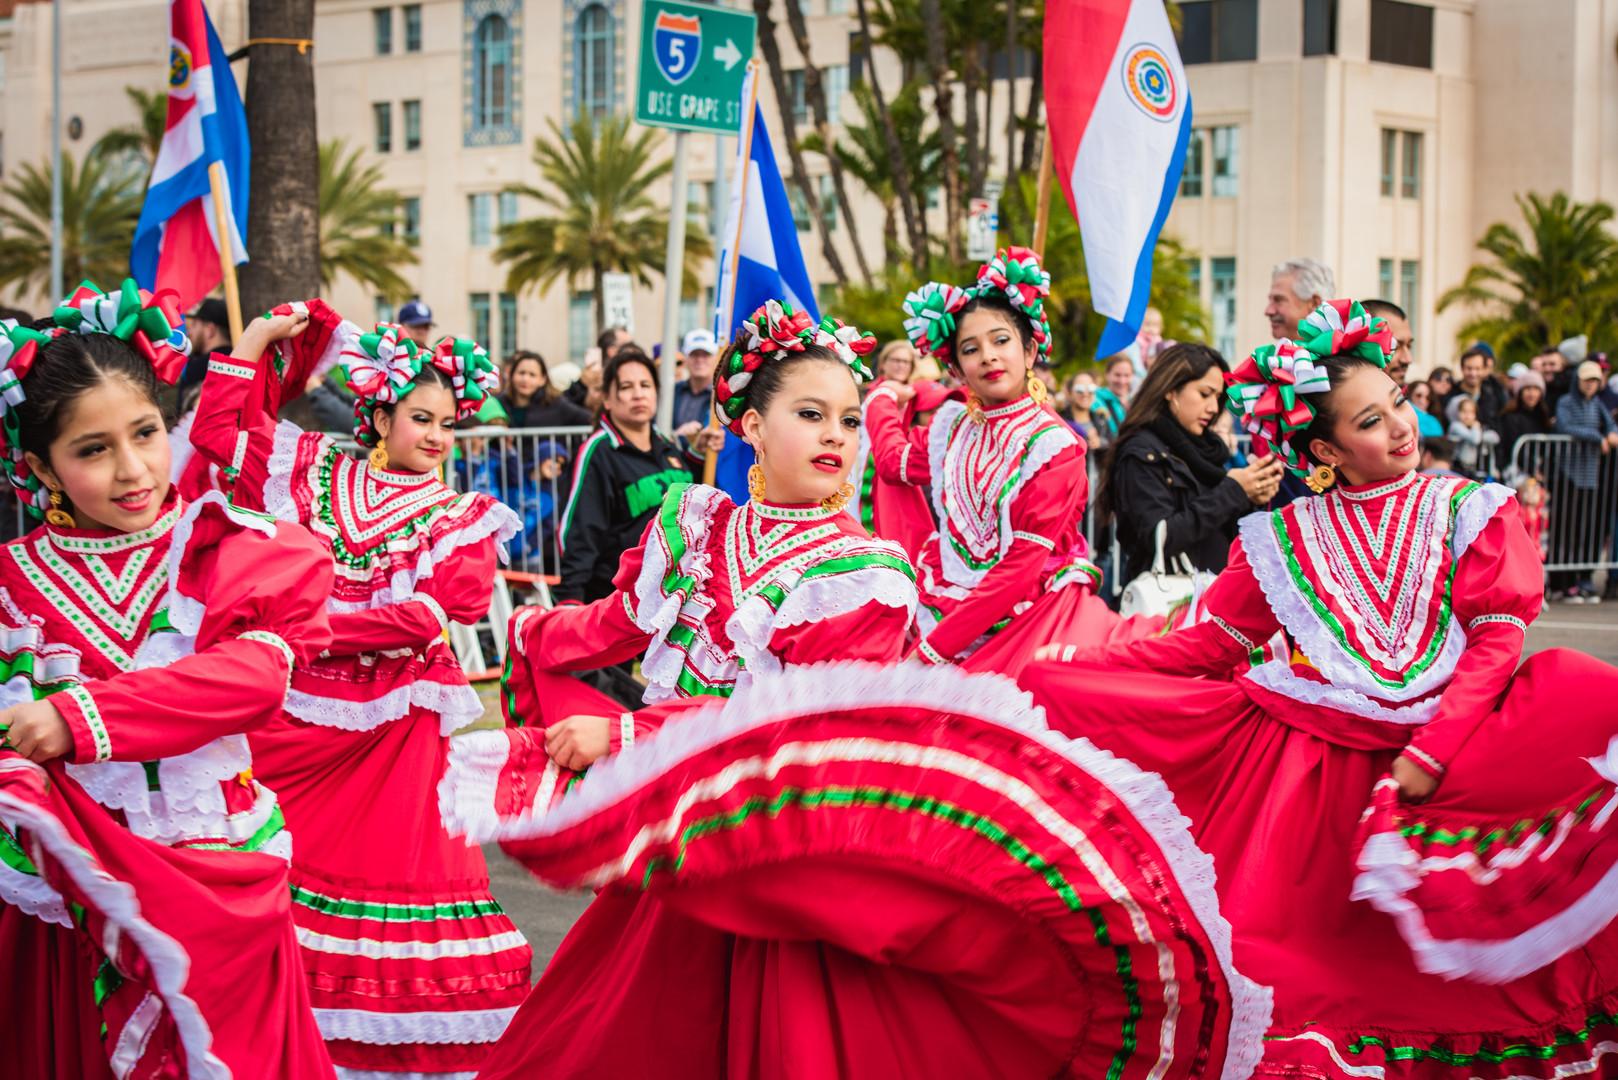 2018 Holiday Bowl Parade